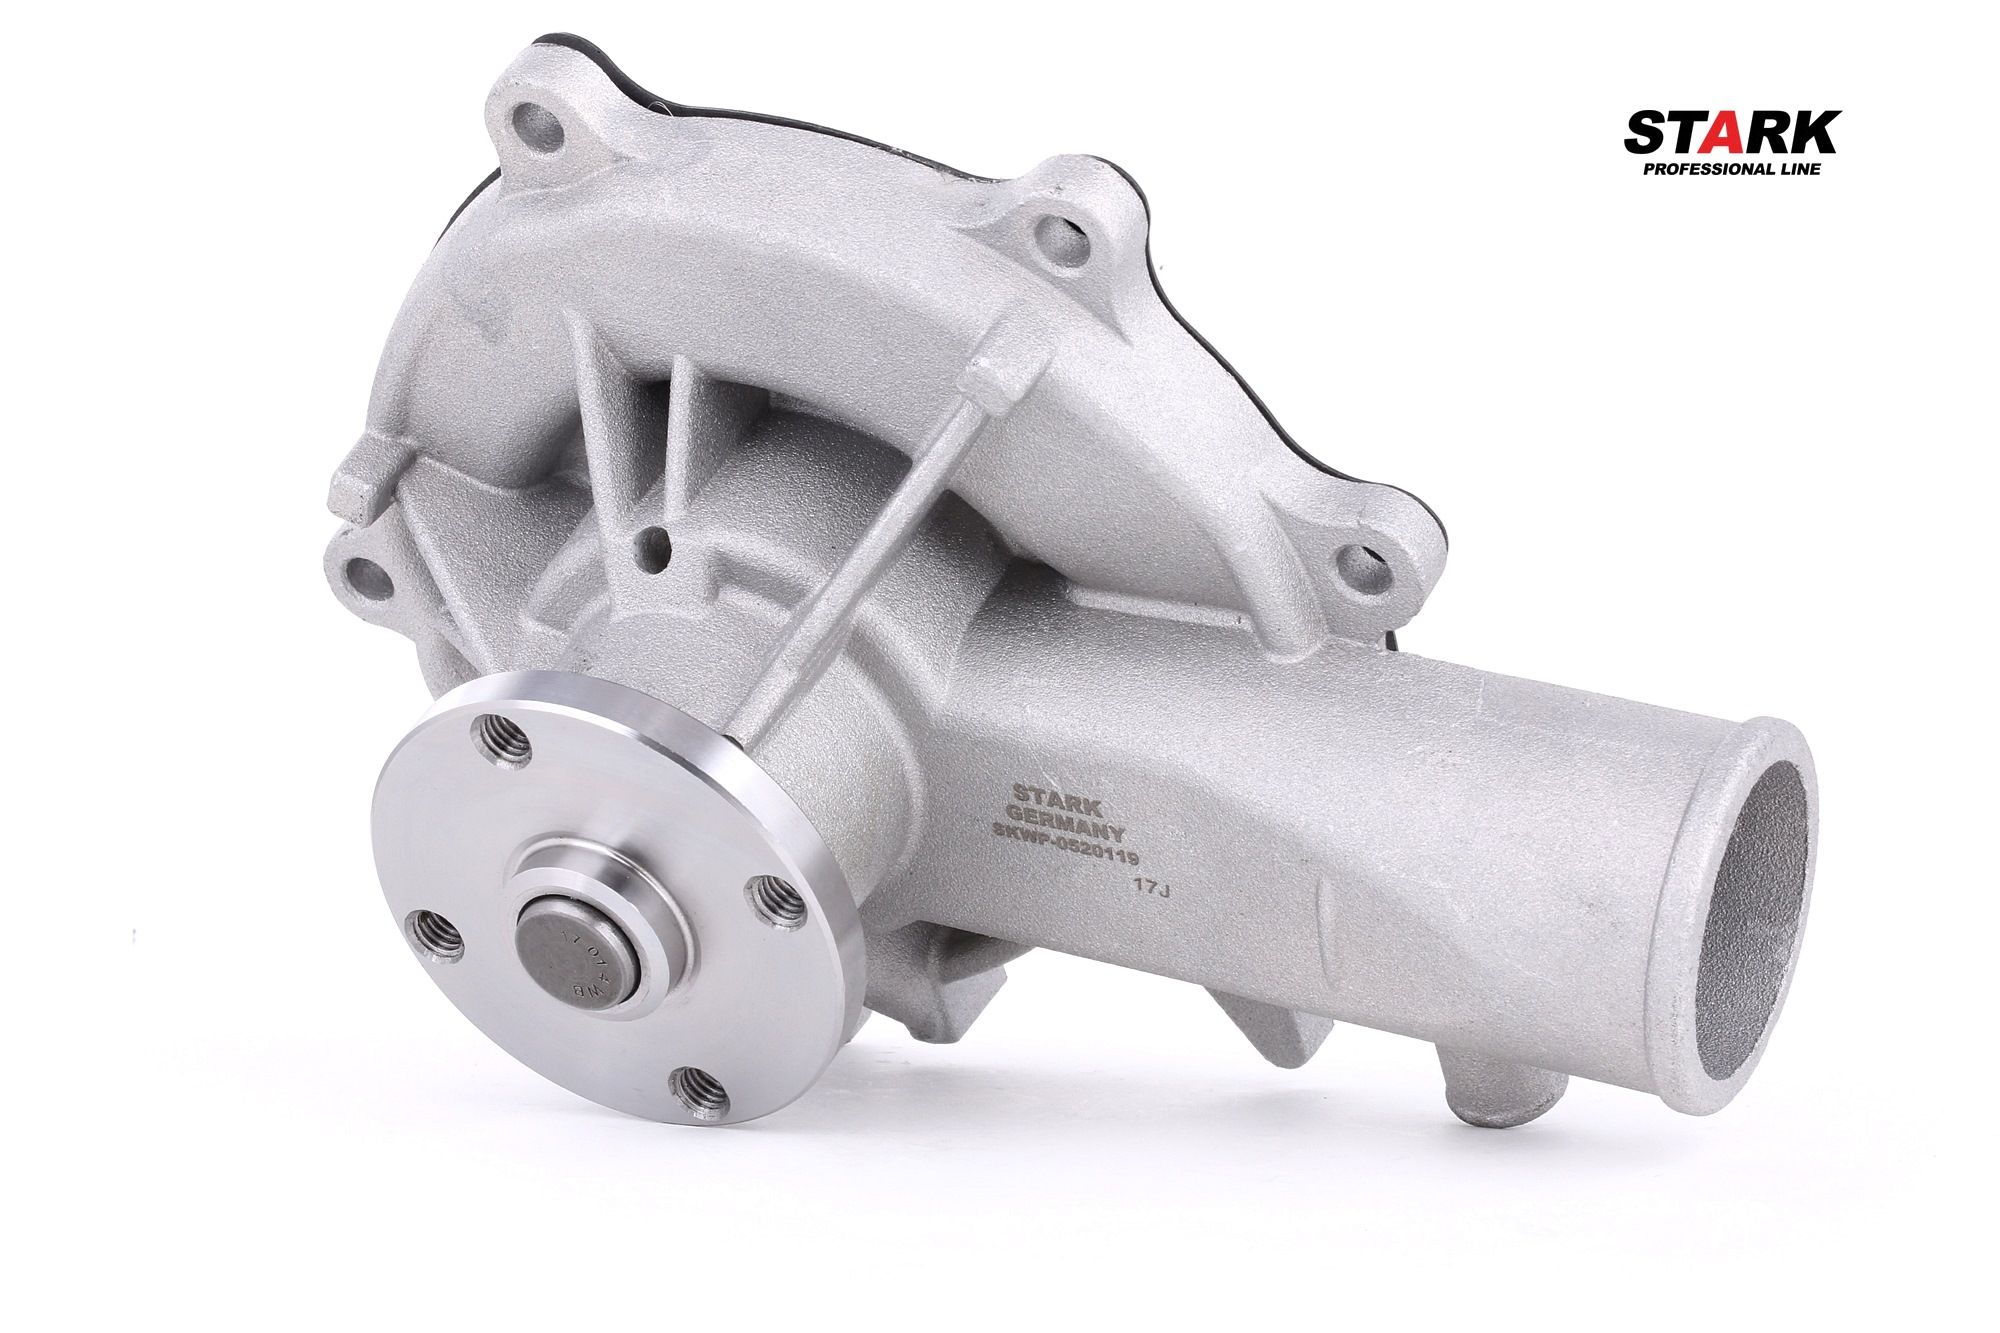 Koelvloeistofpomp SKWP-0520119 met een uitzonderlijke STARK prijs-prestatieverhouding